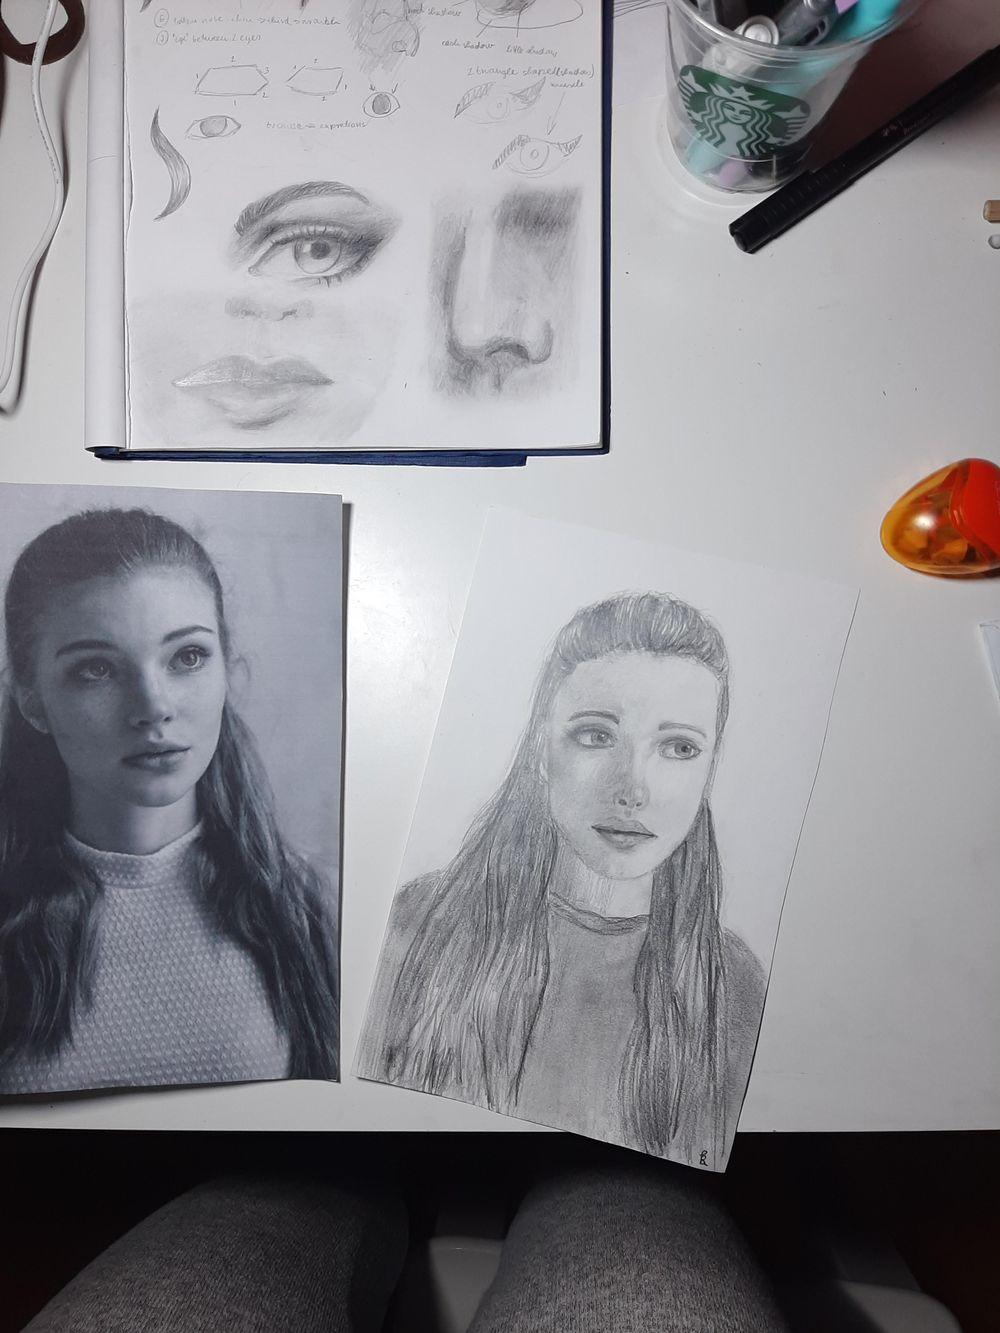 portrait - image 3 - student project